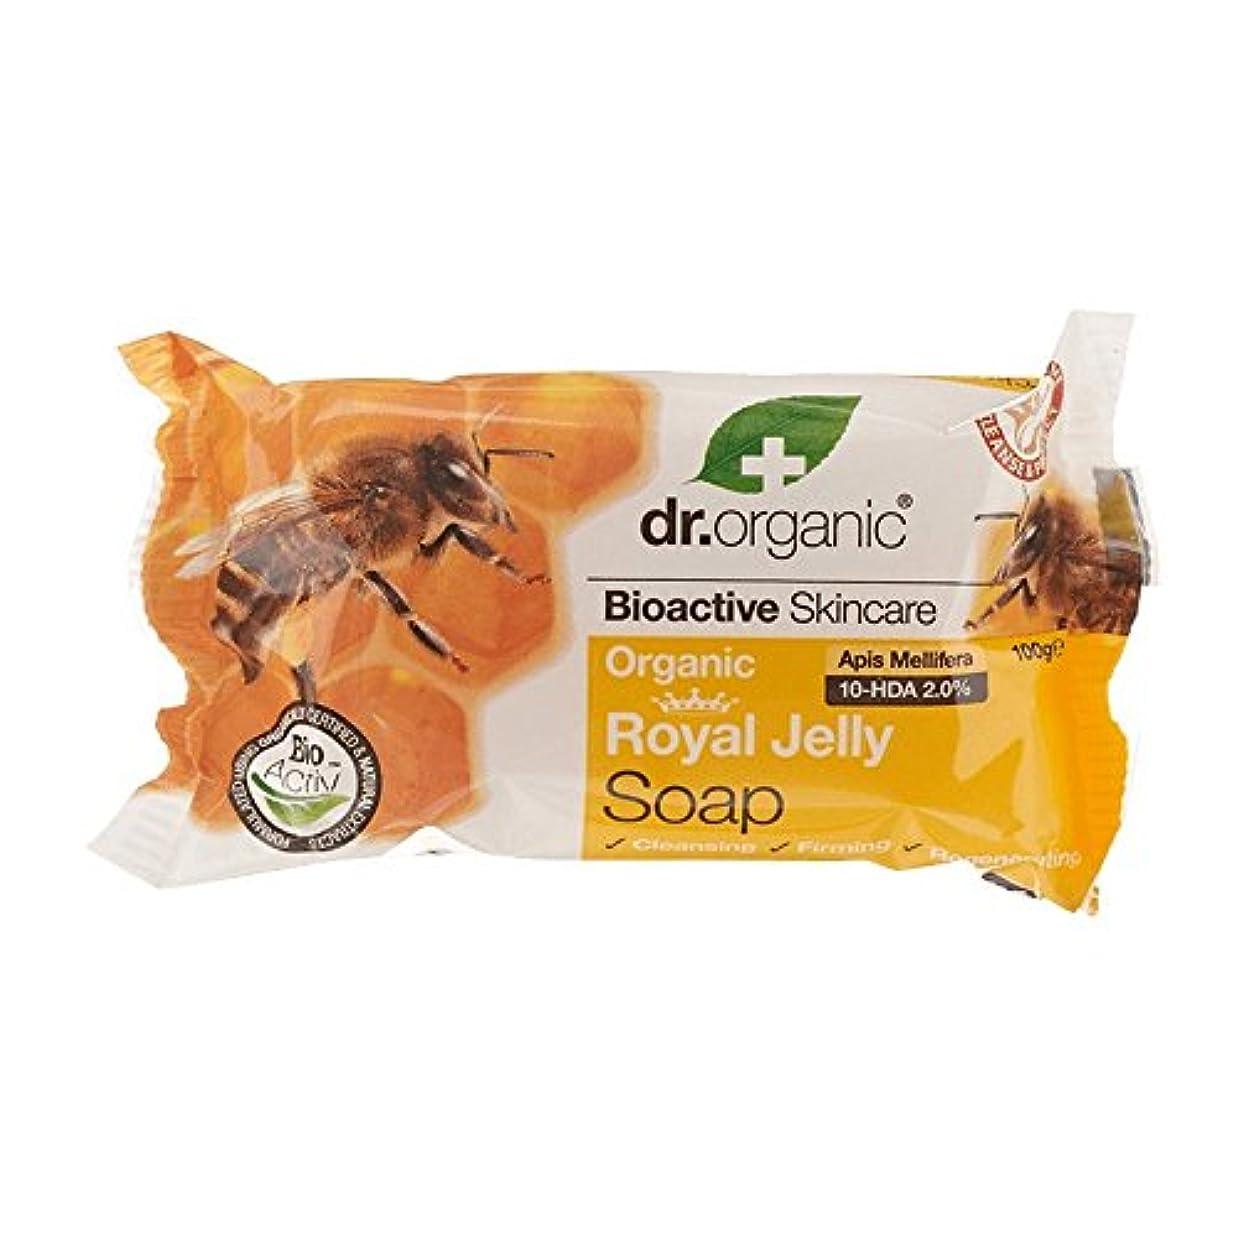 クラフト困惑幅Dr Organic Royal Jelly Soap (Pack of 2) - Dr有機ローヤルゼリーソープ (x2) [並行輸入品]